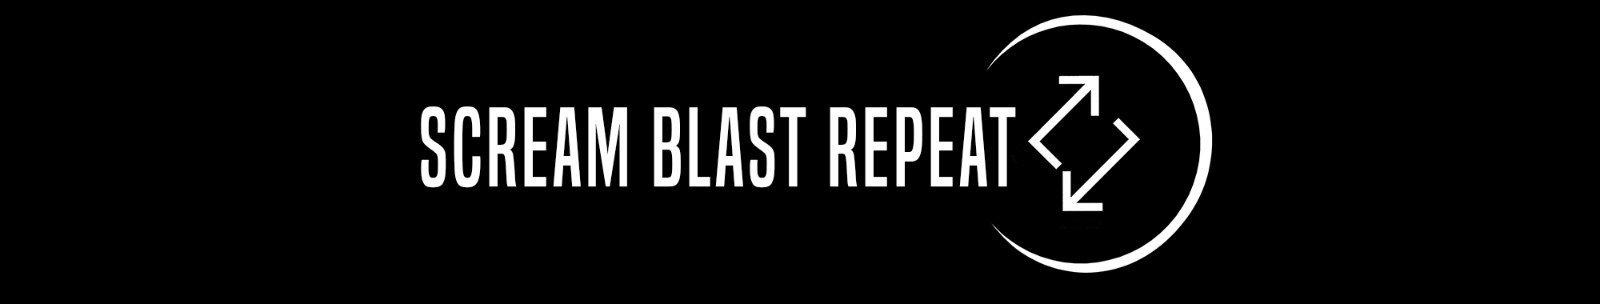 Scream Blast Repeat